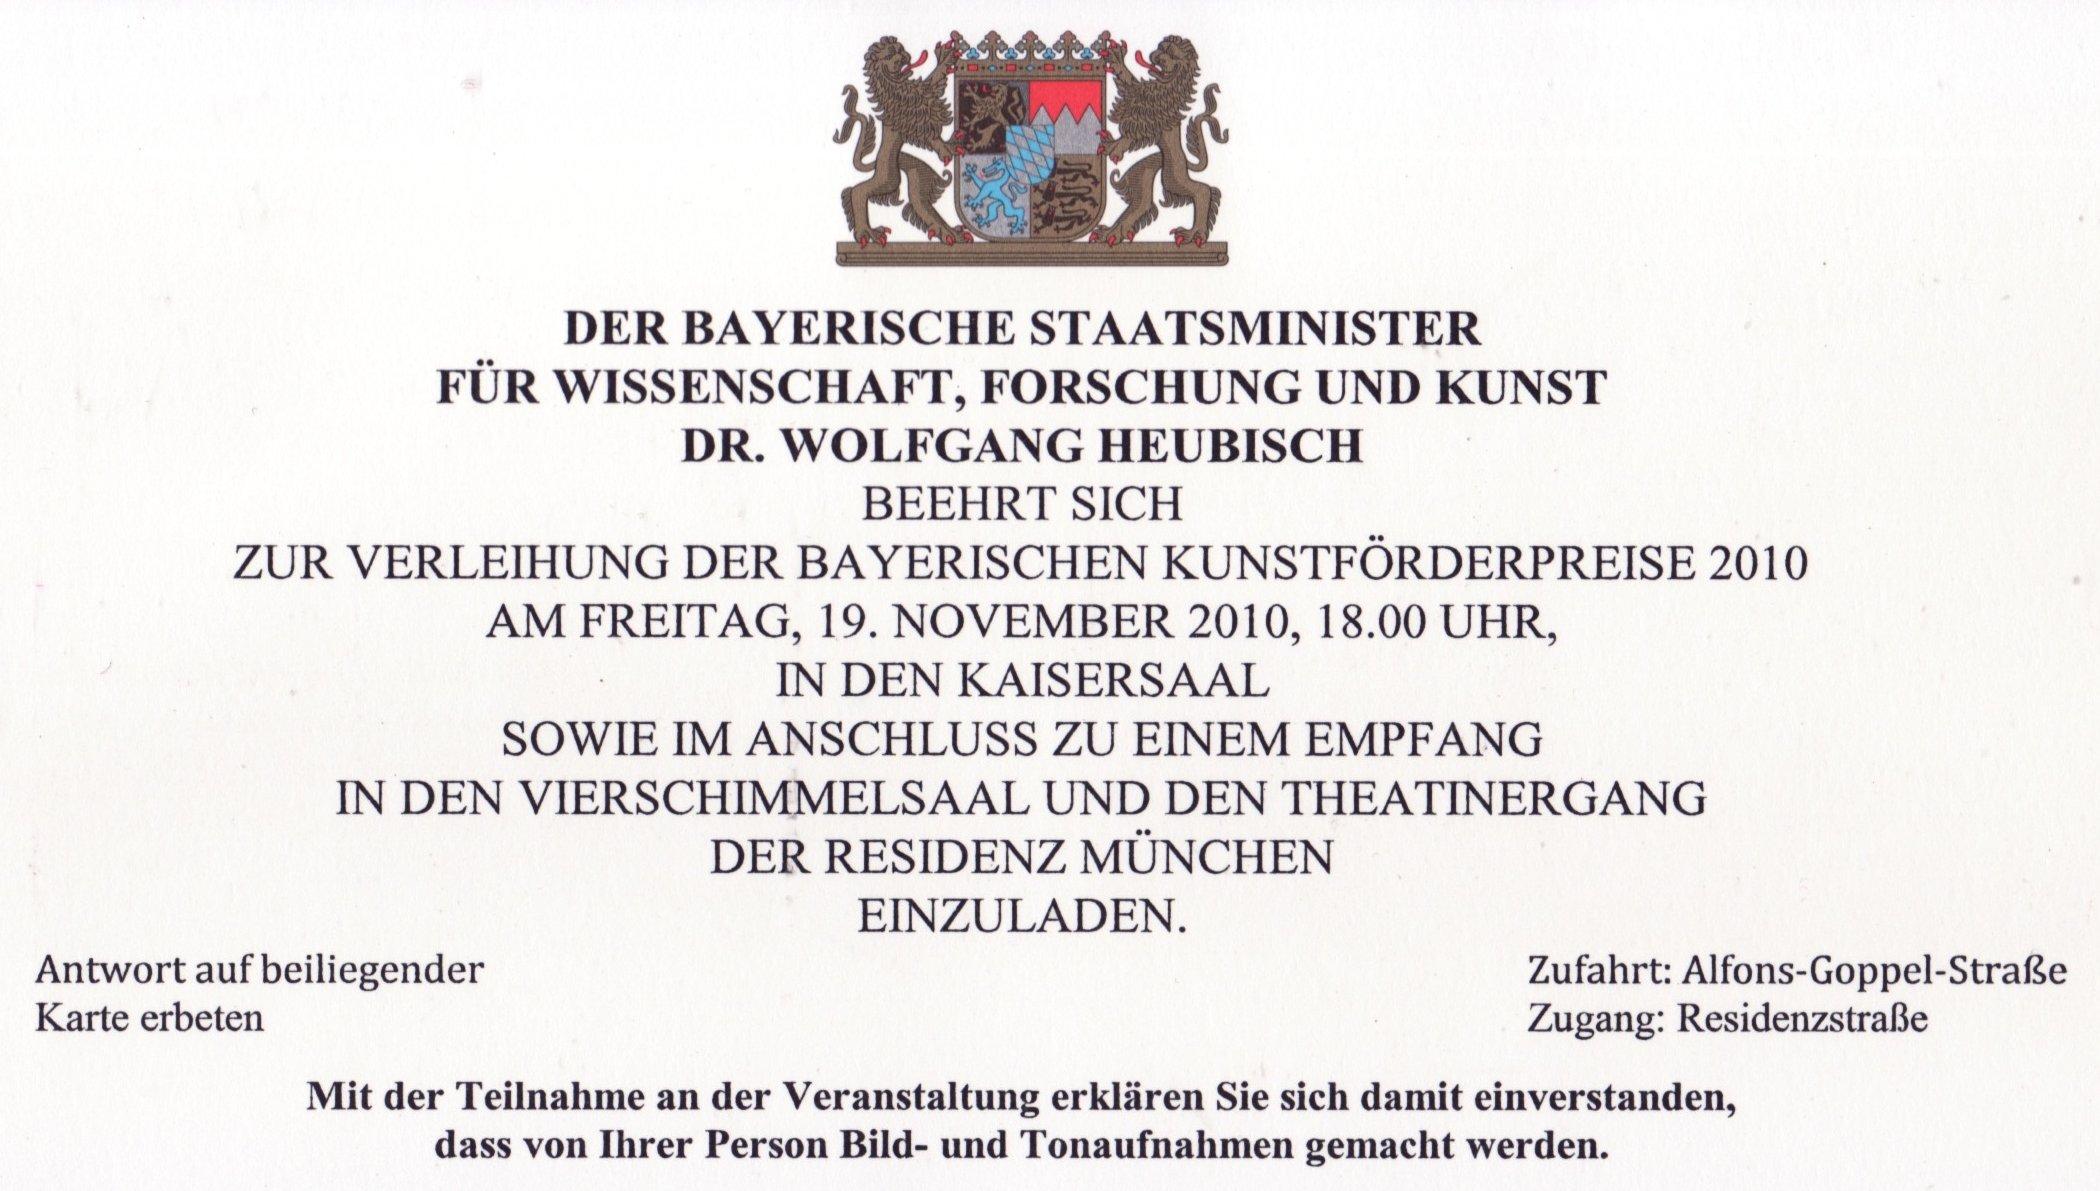 Einladung zum staatsempfang anlässlich der verleihung der bayrischen